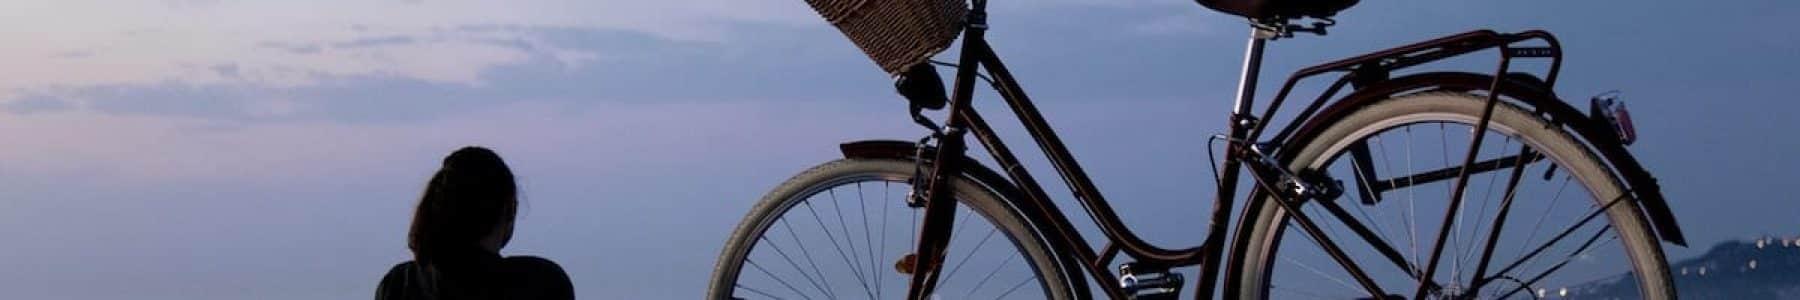 Le vélo dans la mobilité post-Covid